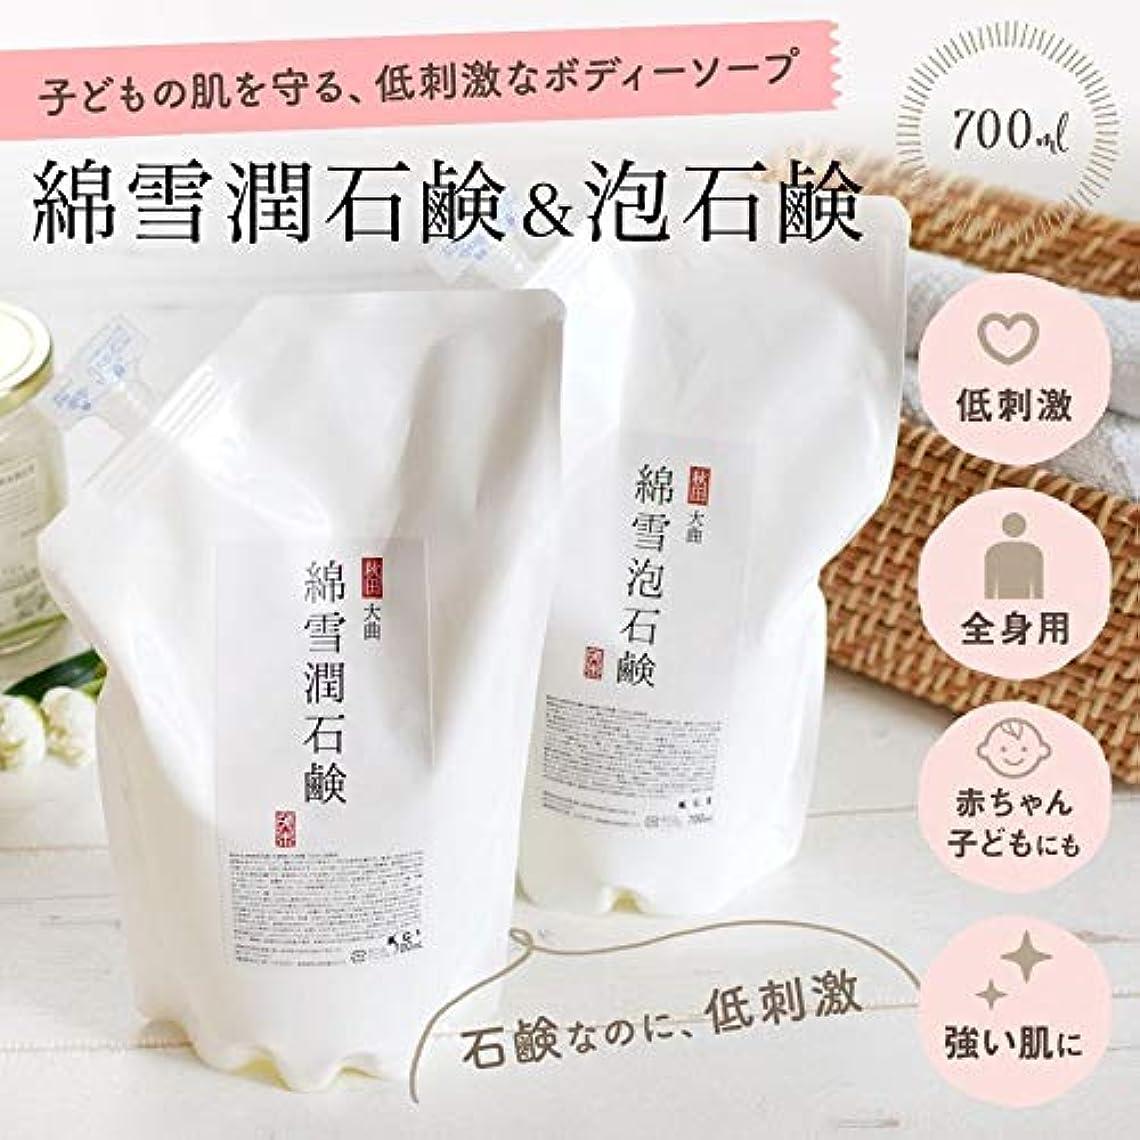 幻想的デコレーション簿記係綿雪潤石鹸700mL(液状タイプ)